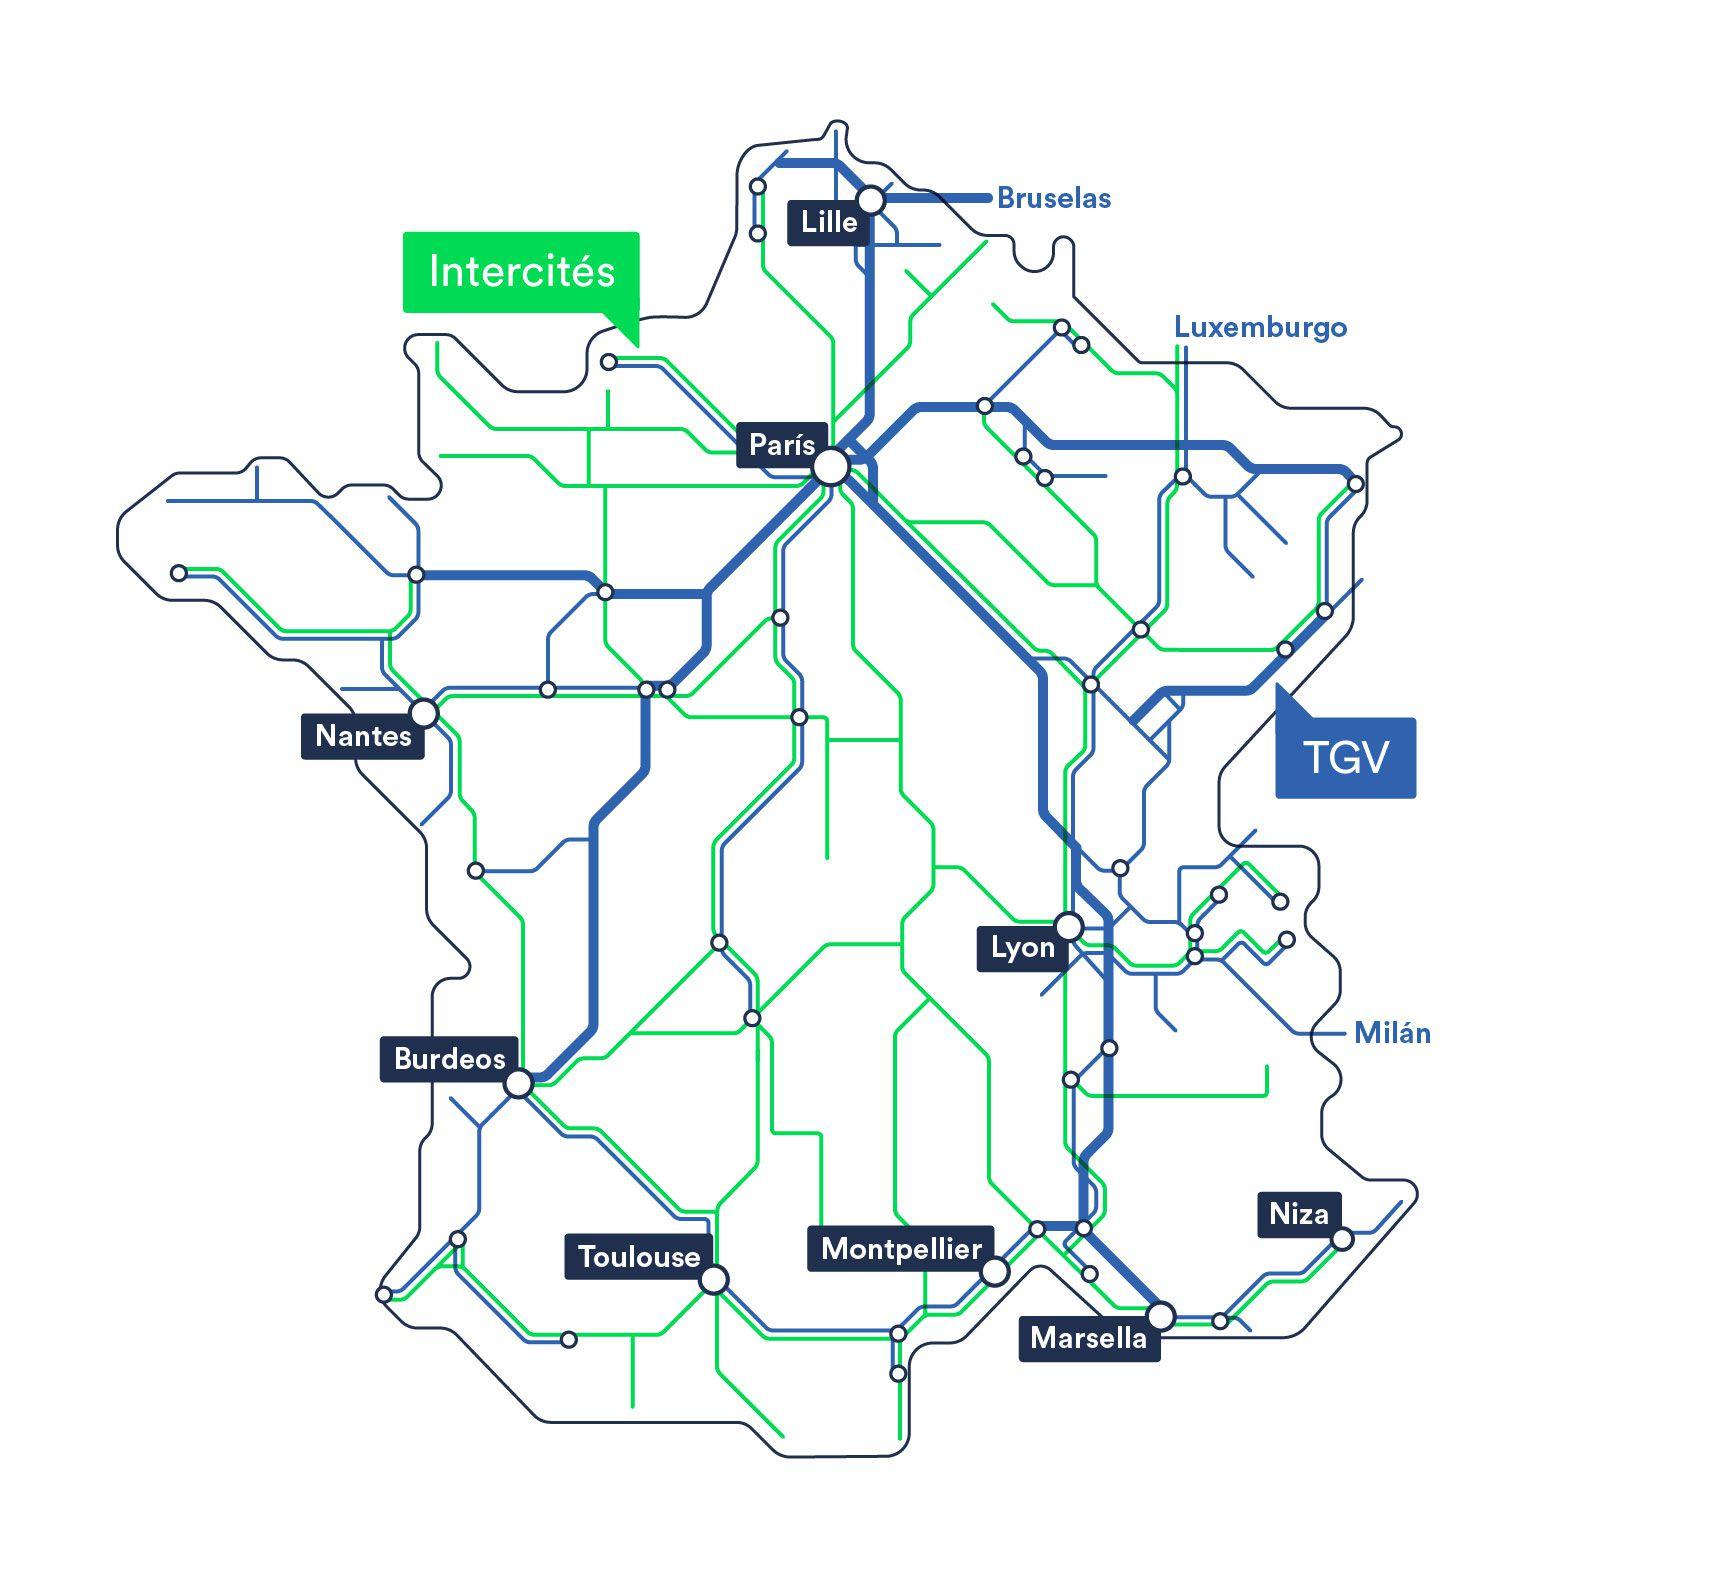 Mapa en tren de